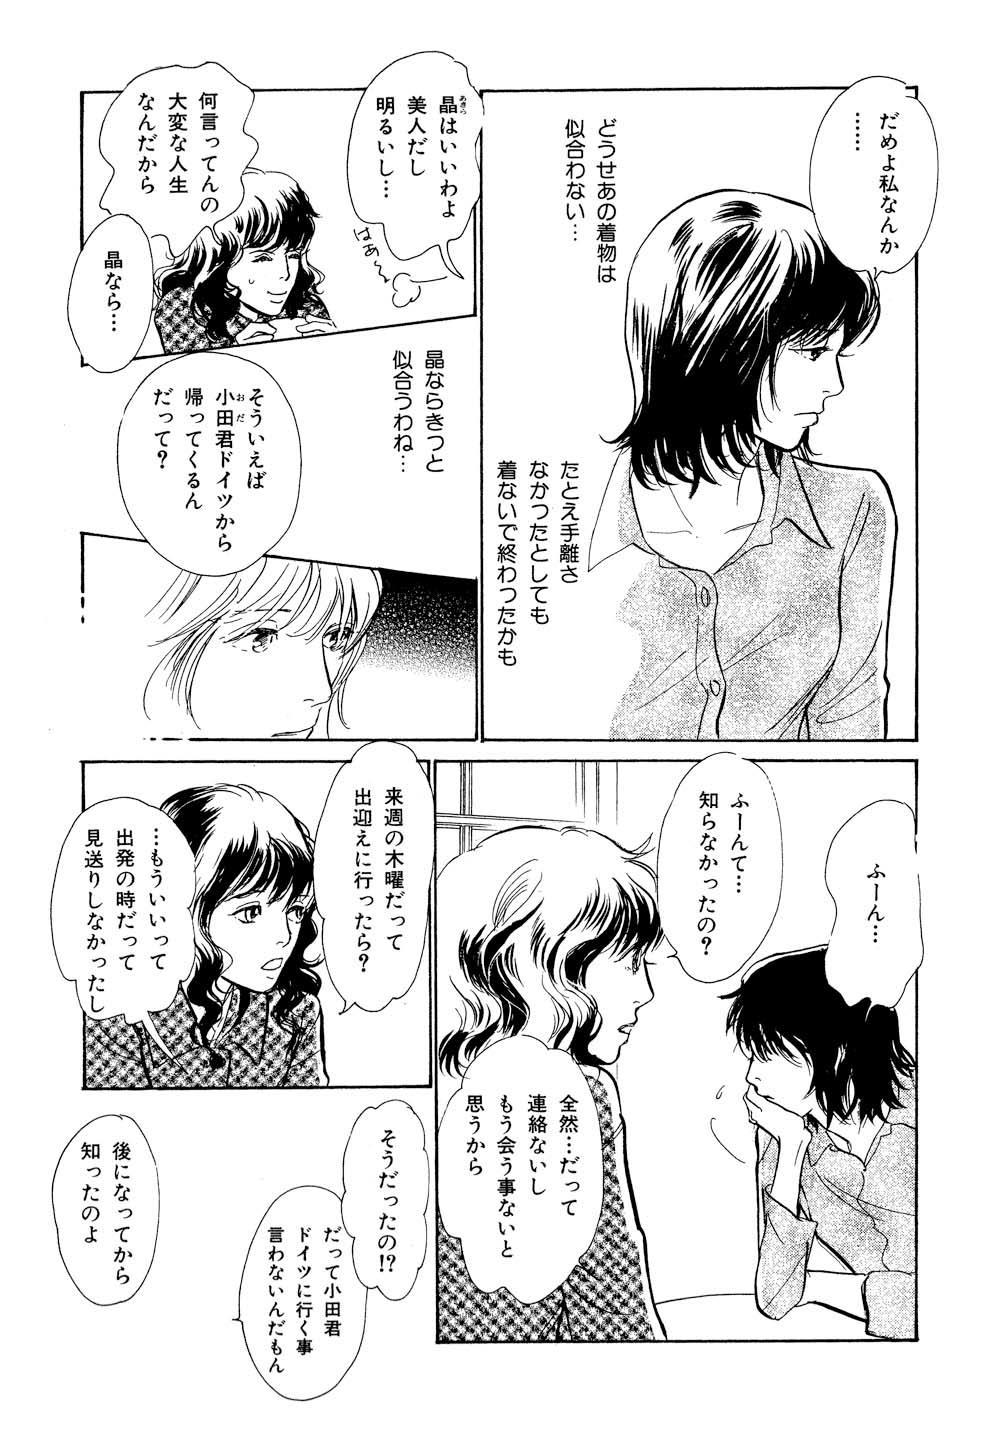 百鬼夜行抄_13_0087.jpg